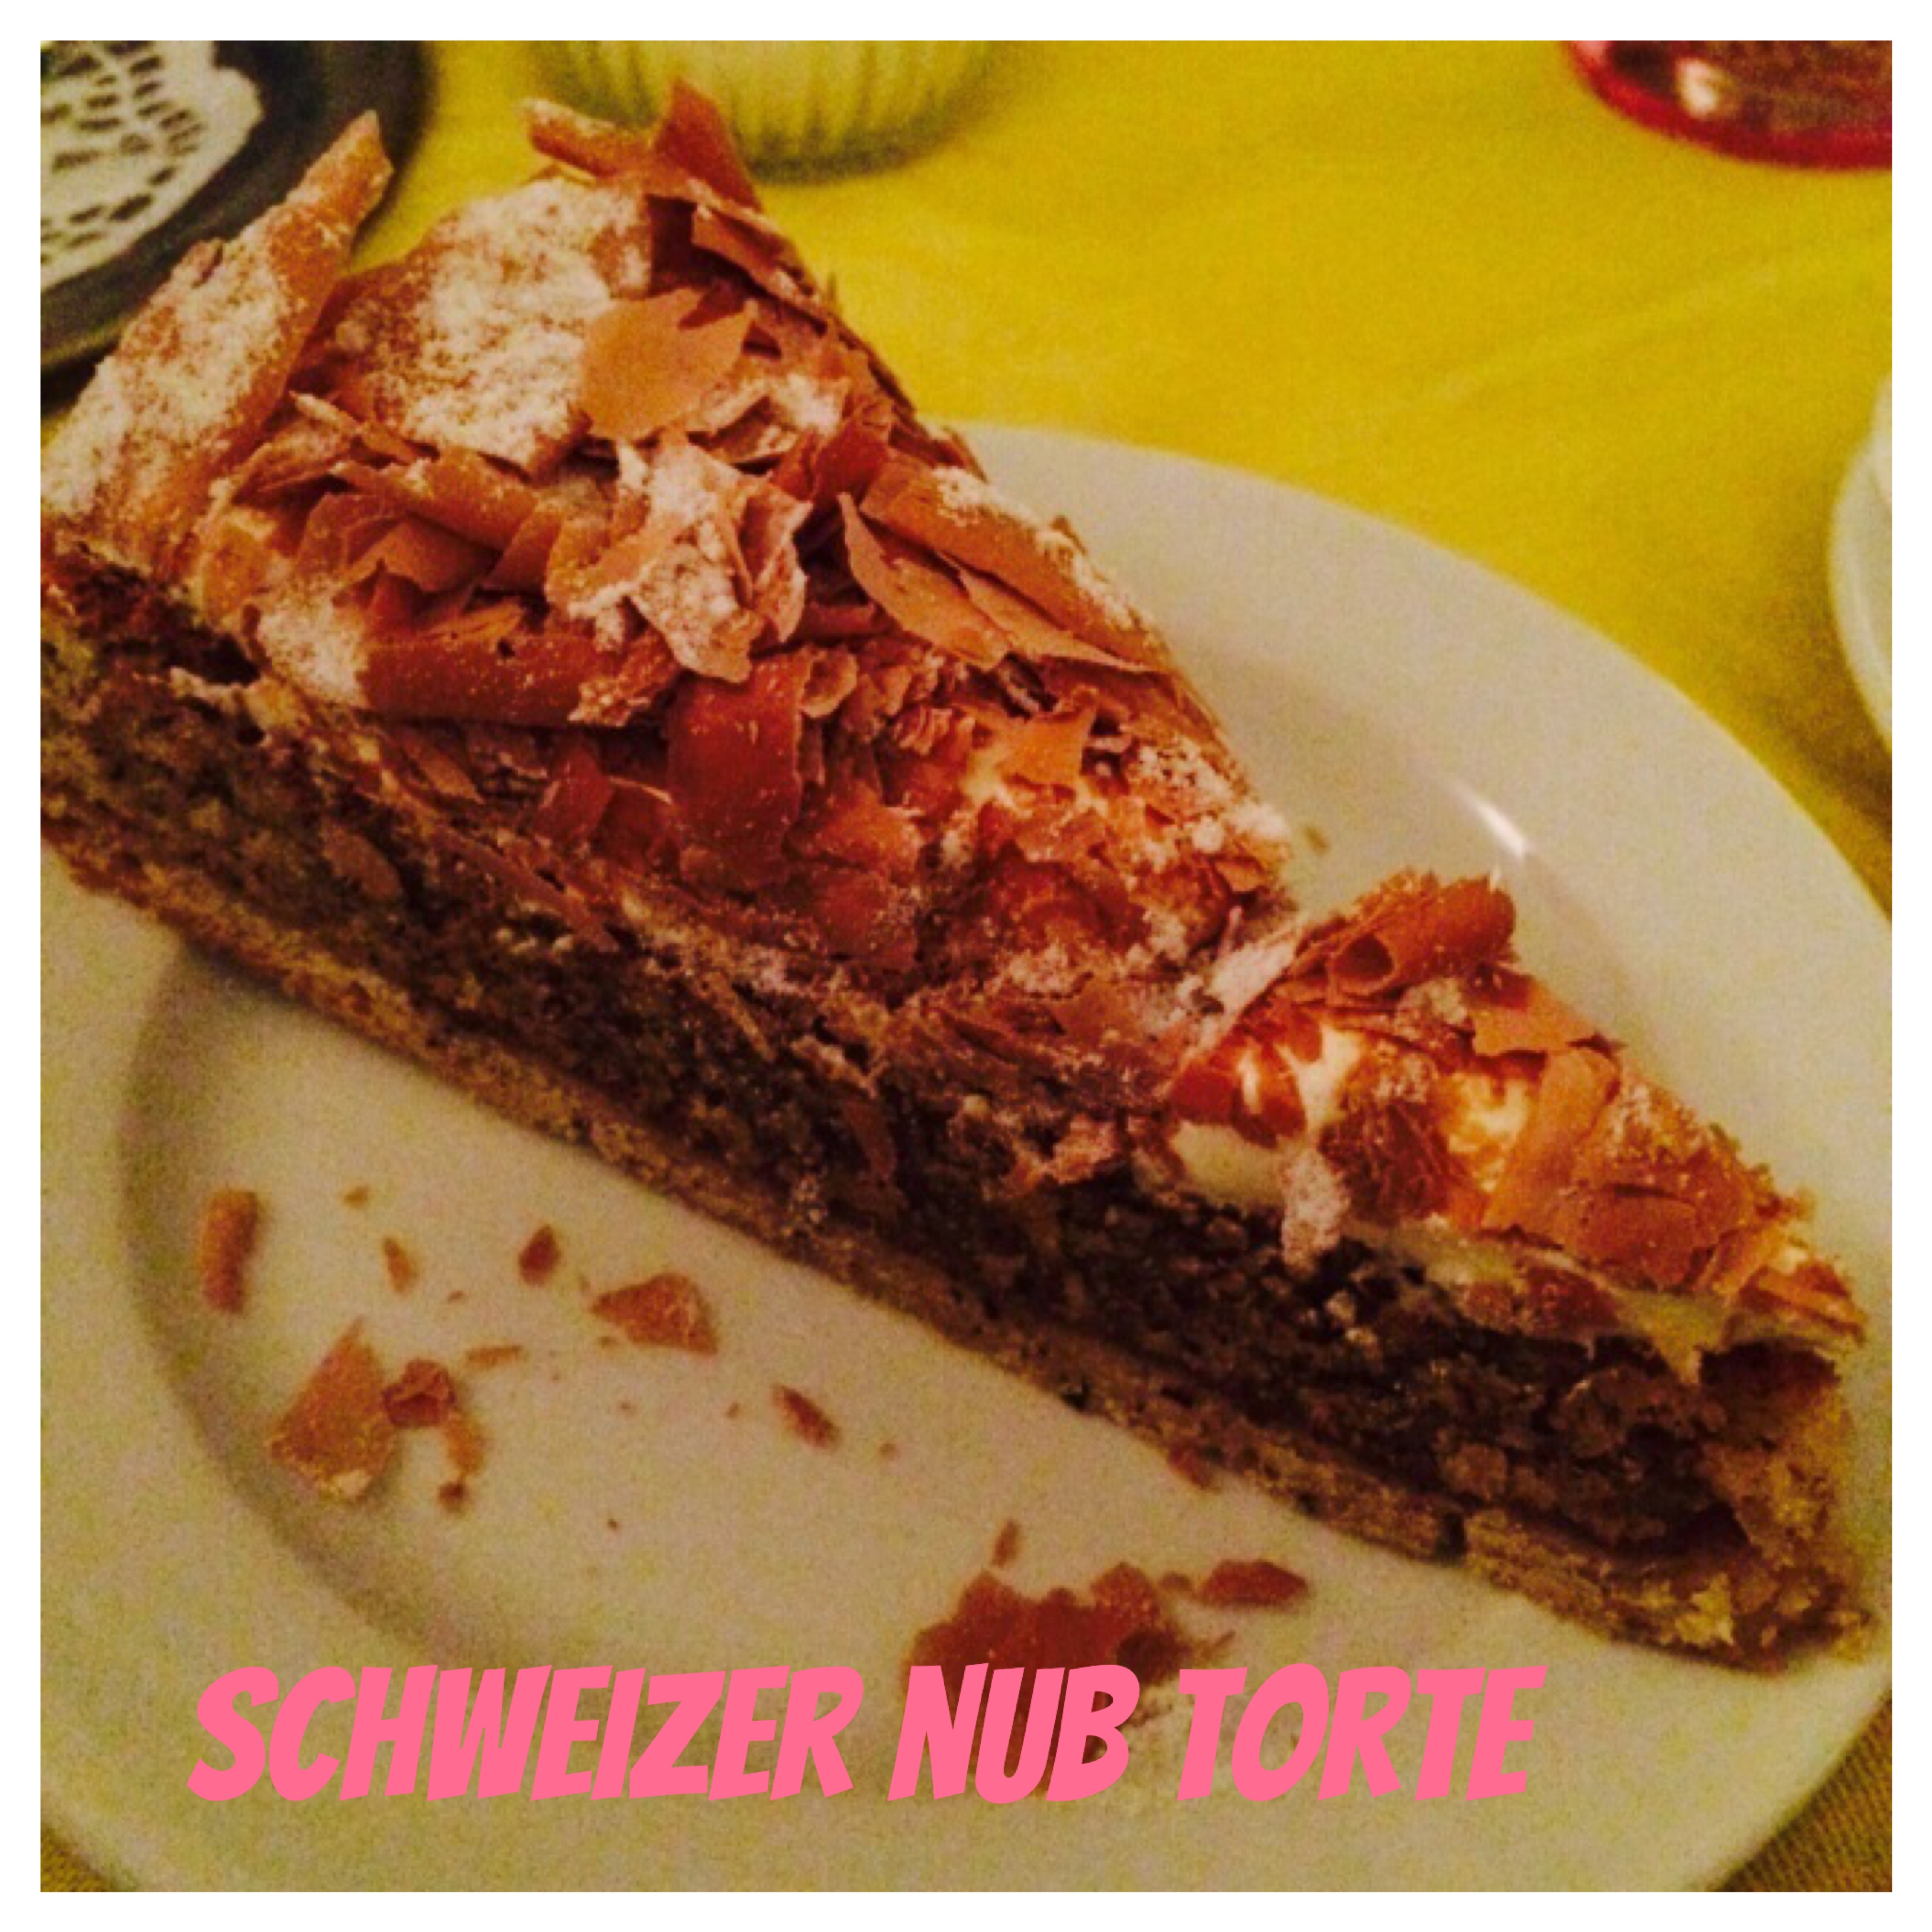 Nub Torte